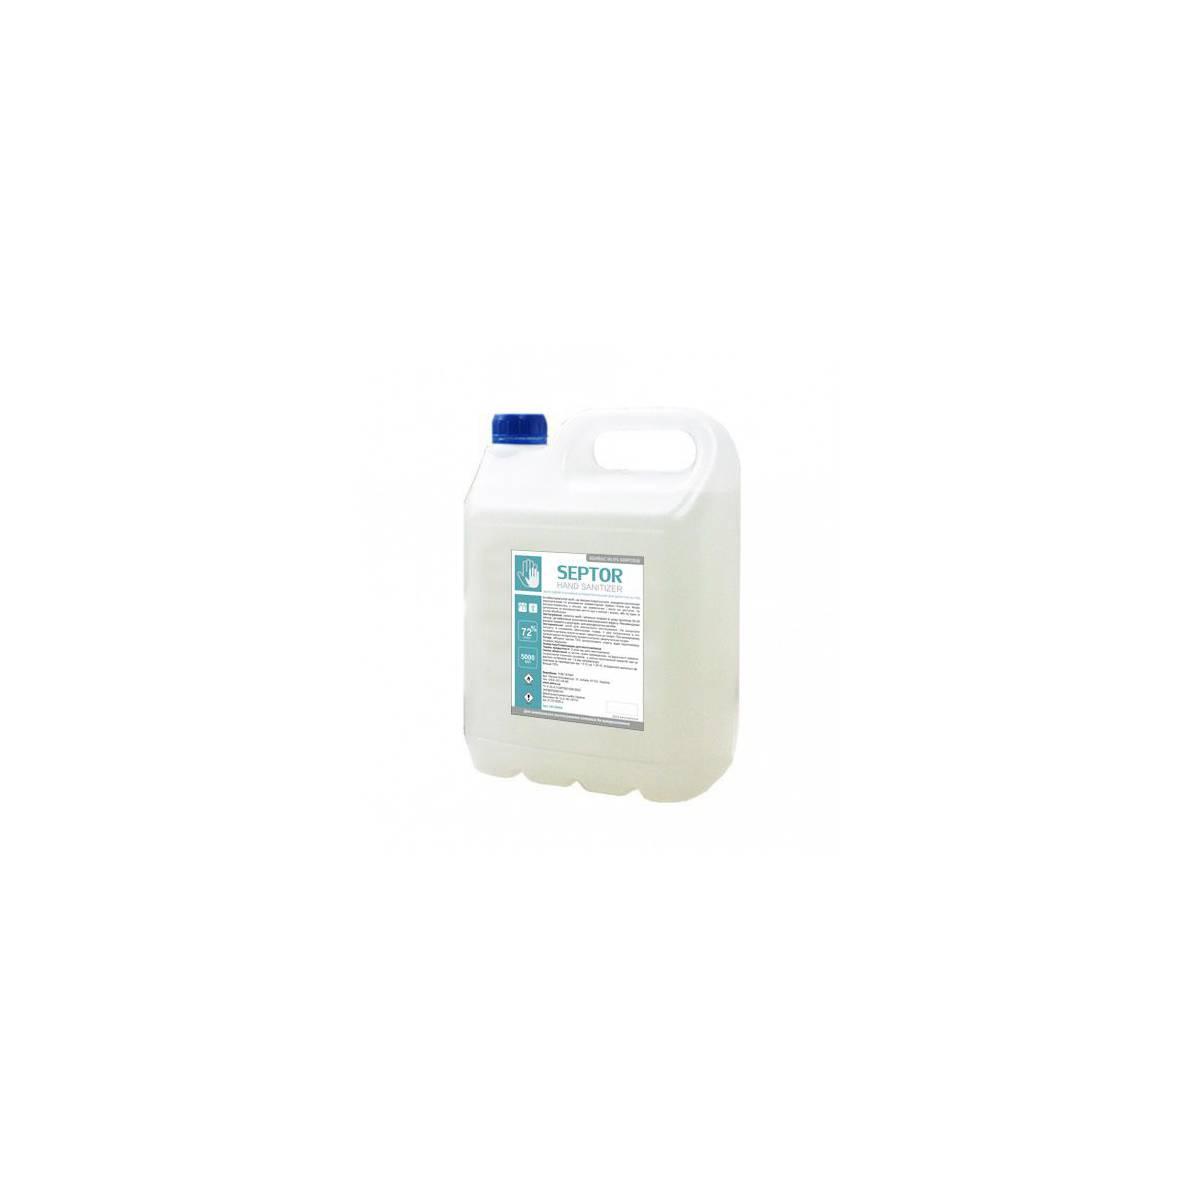 Антисептик SEPTOR 5 л, антибактериальное средство гигиеническое для кожи рук и тела HS155000